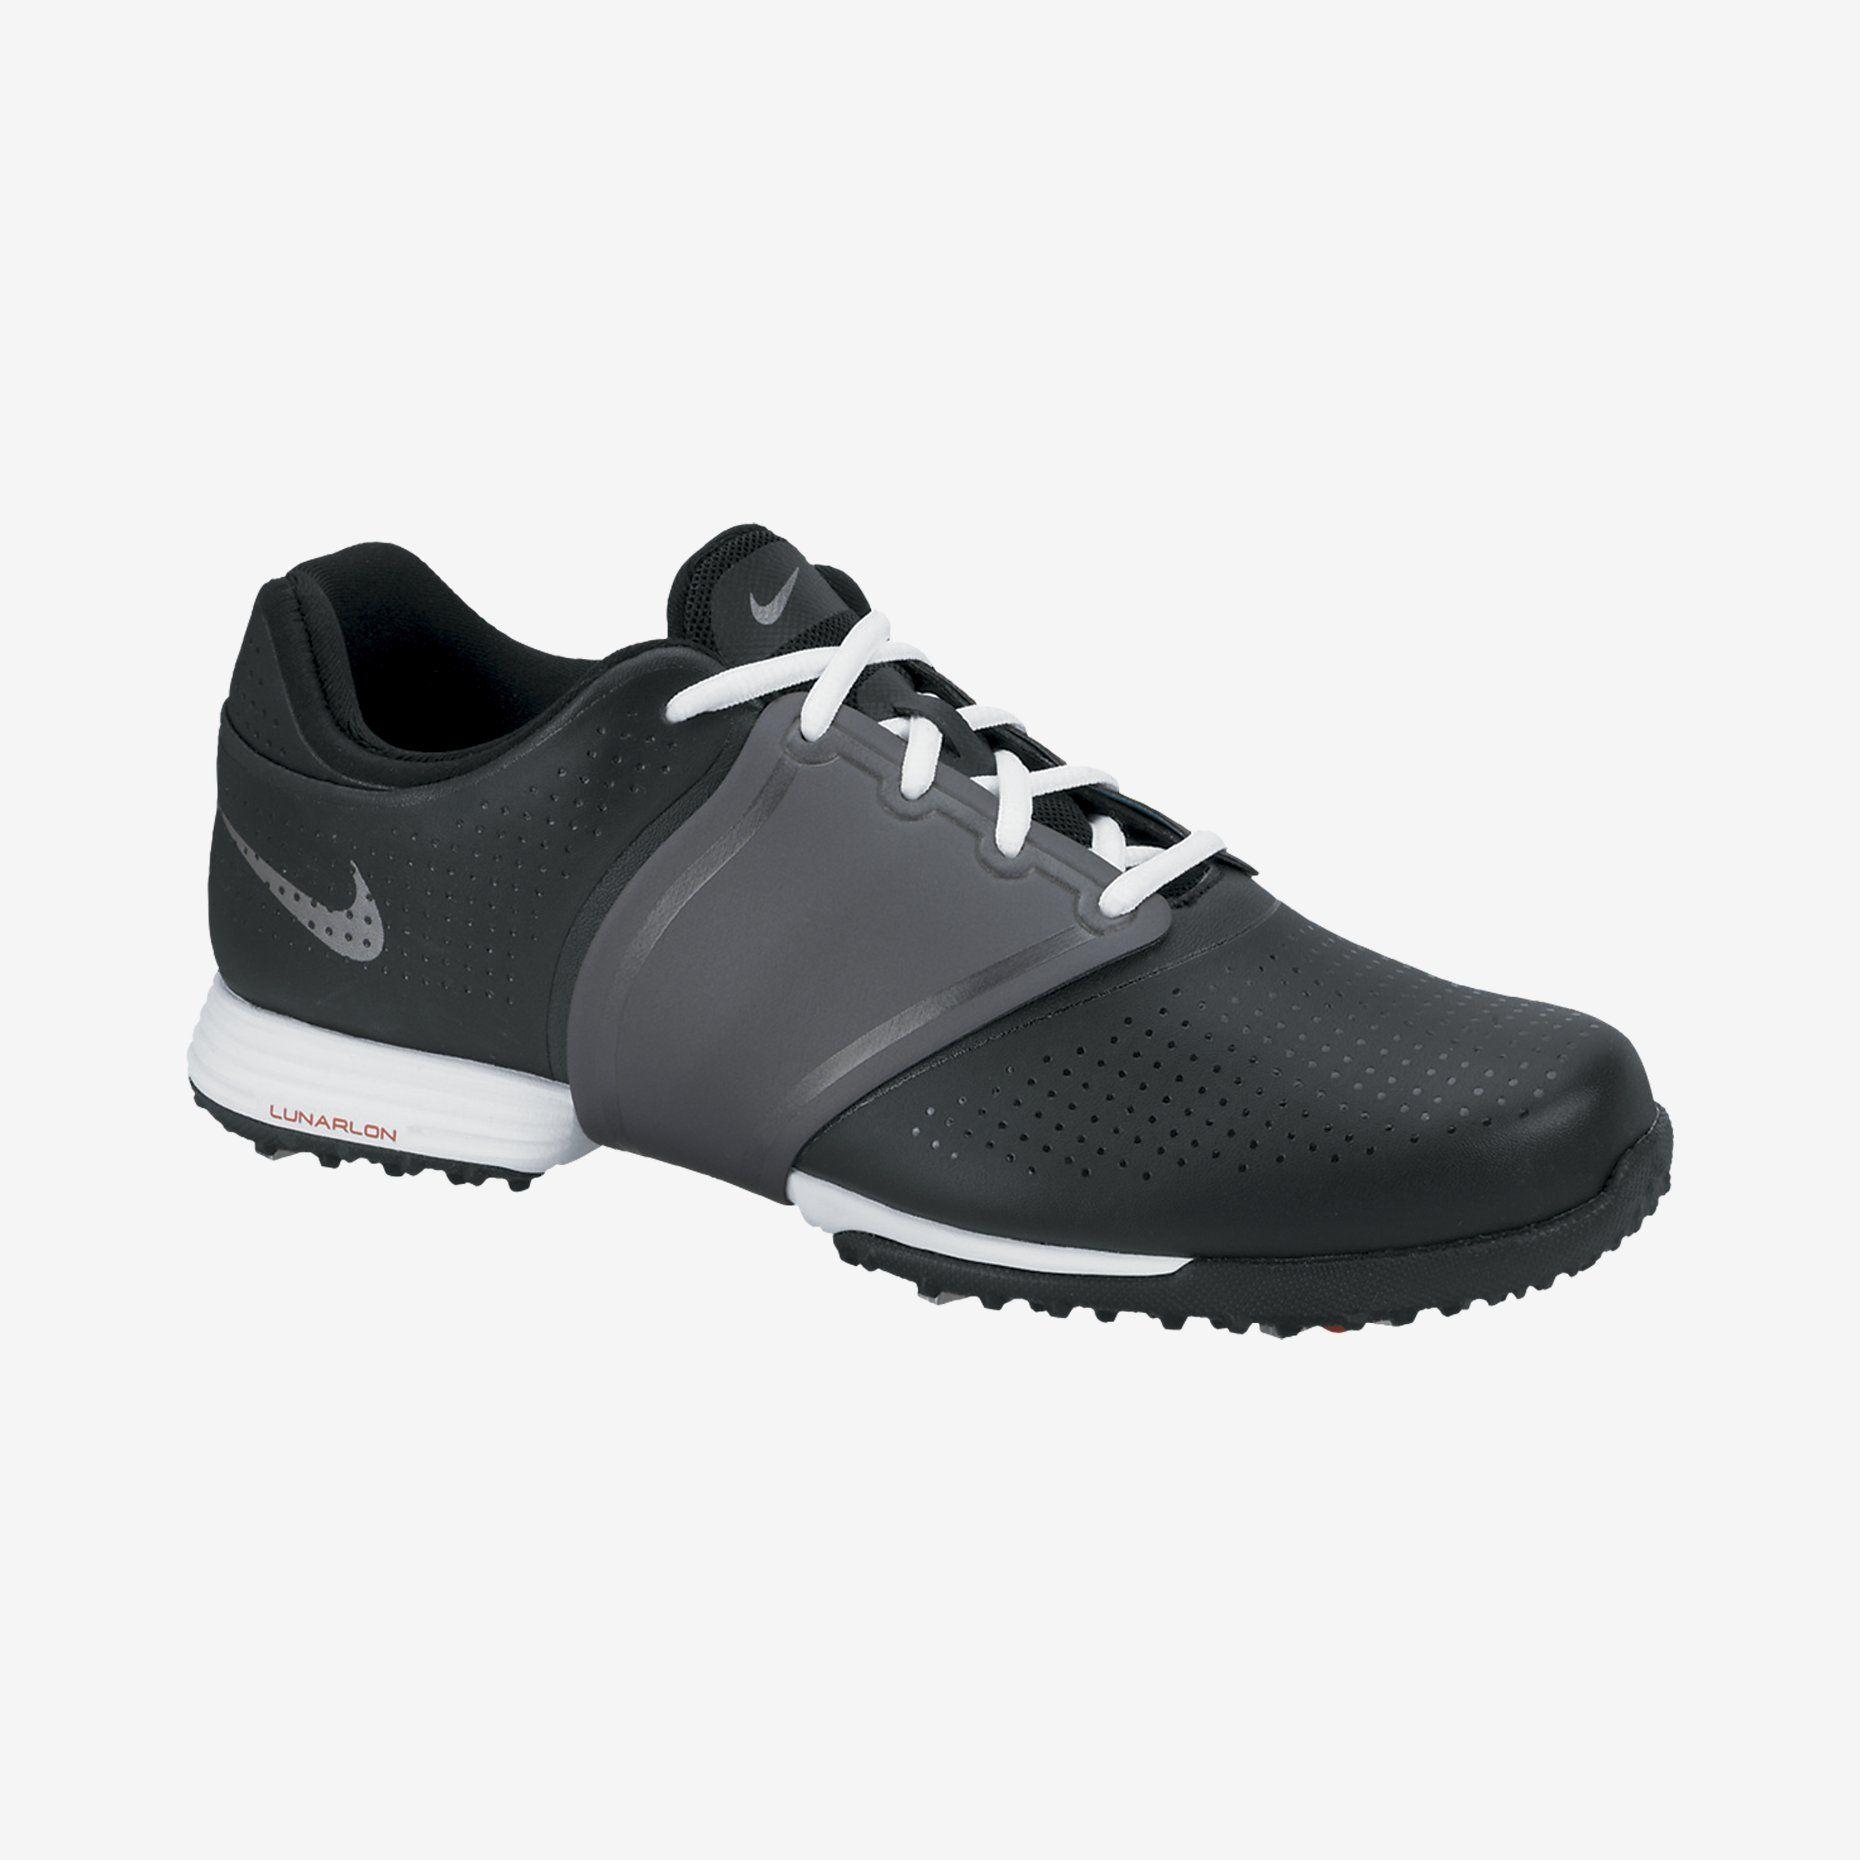 Womens Shoes Nike Golf Lunar Embellish Black/Metallic Cool Grey/White